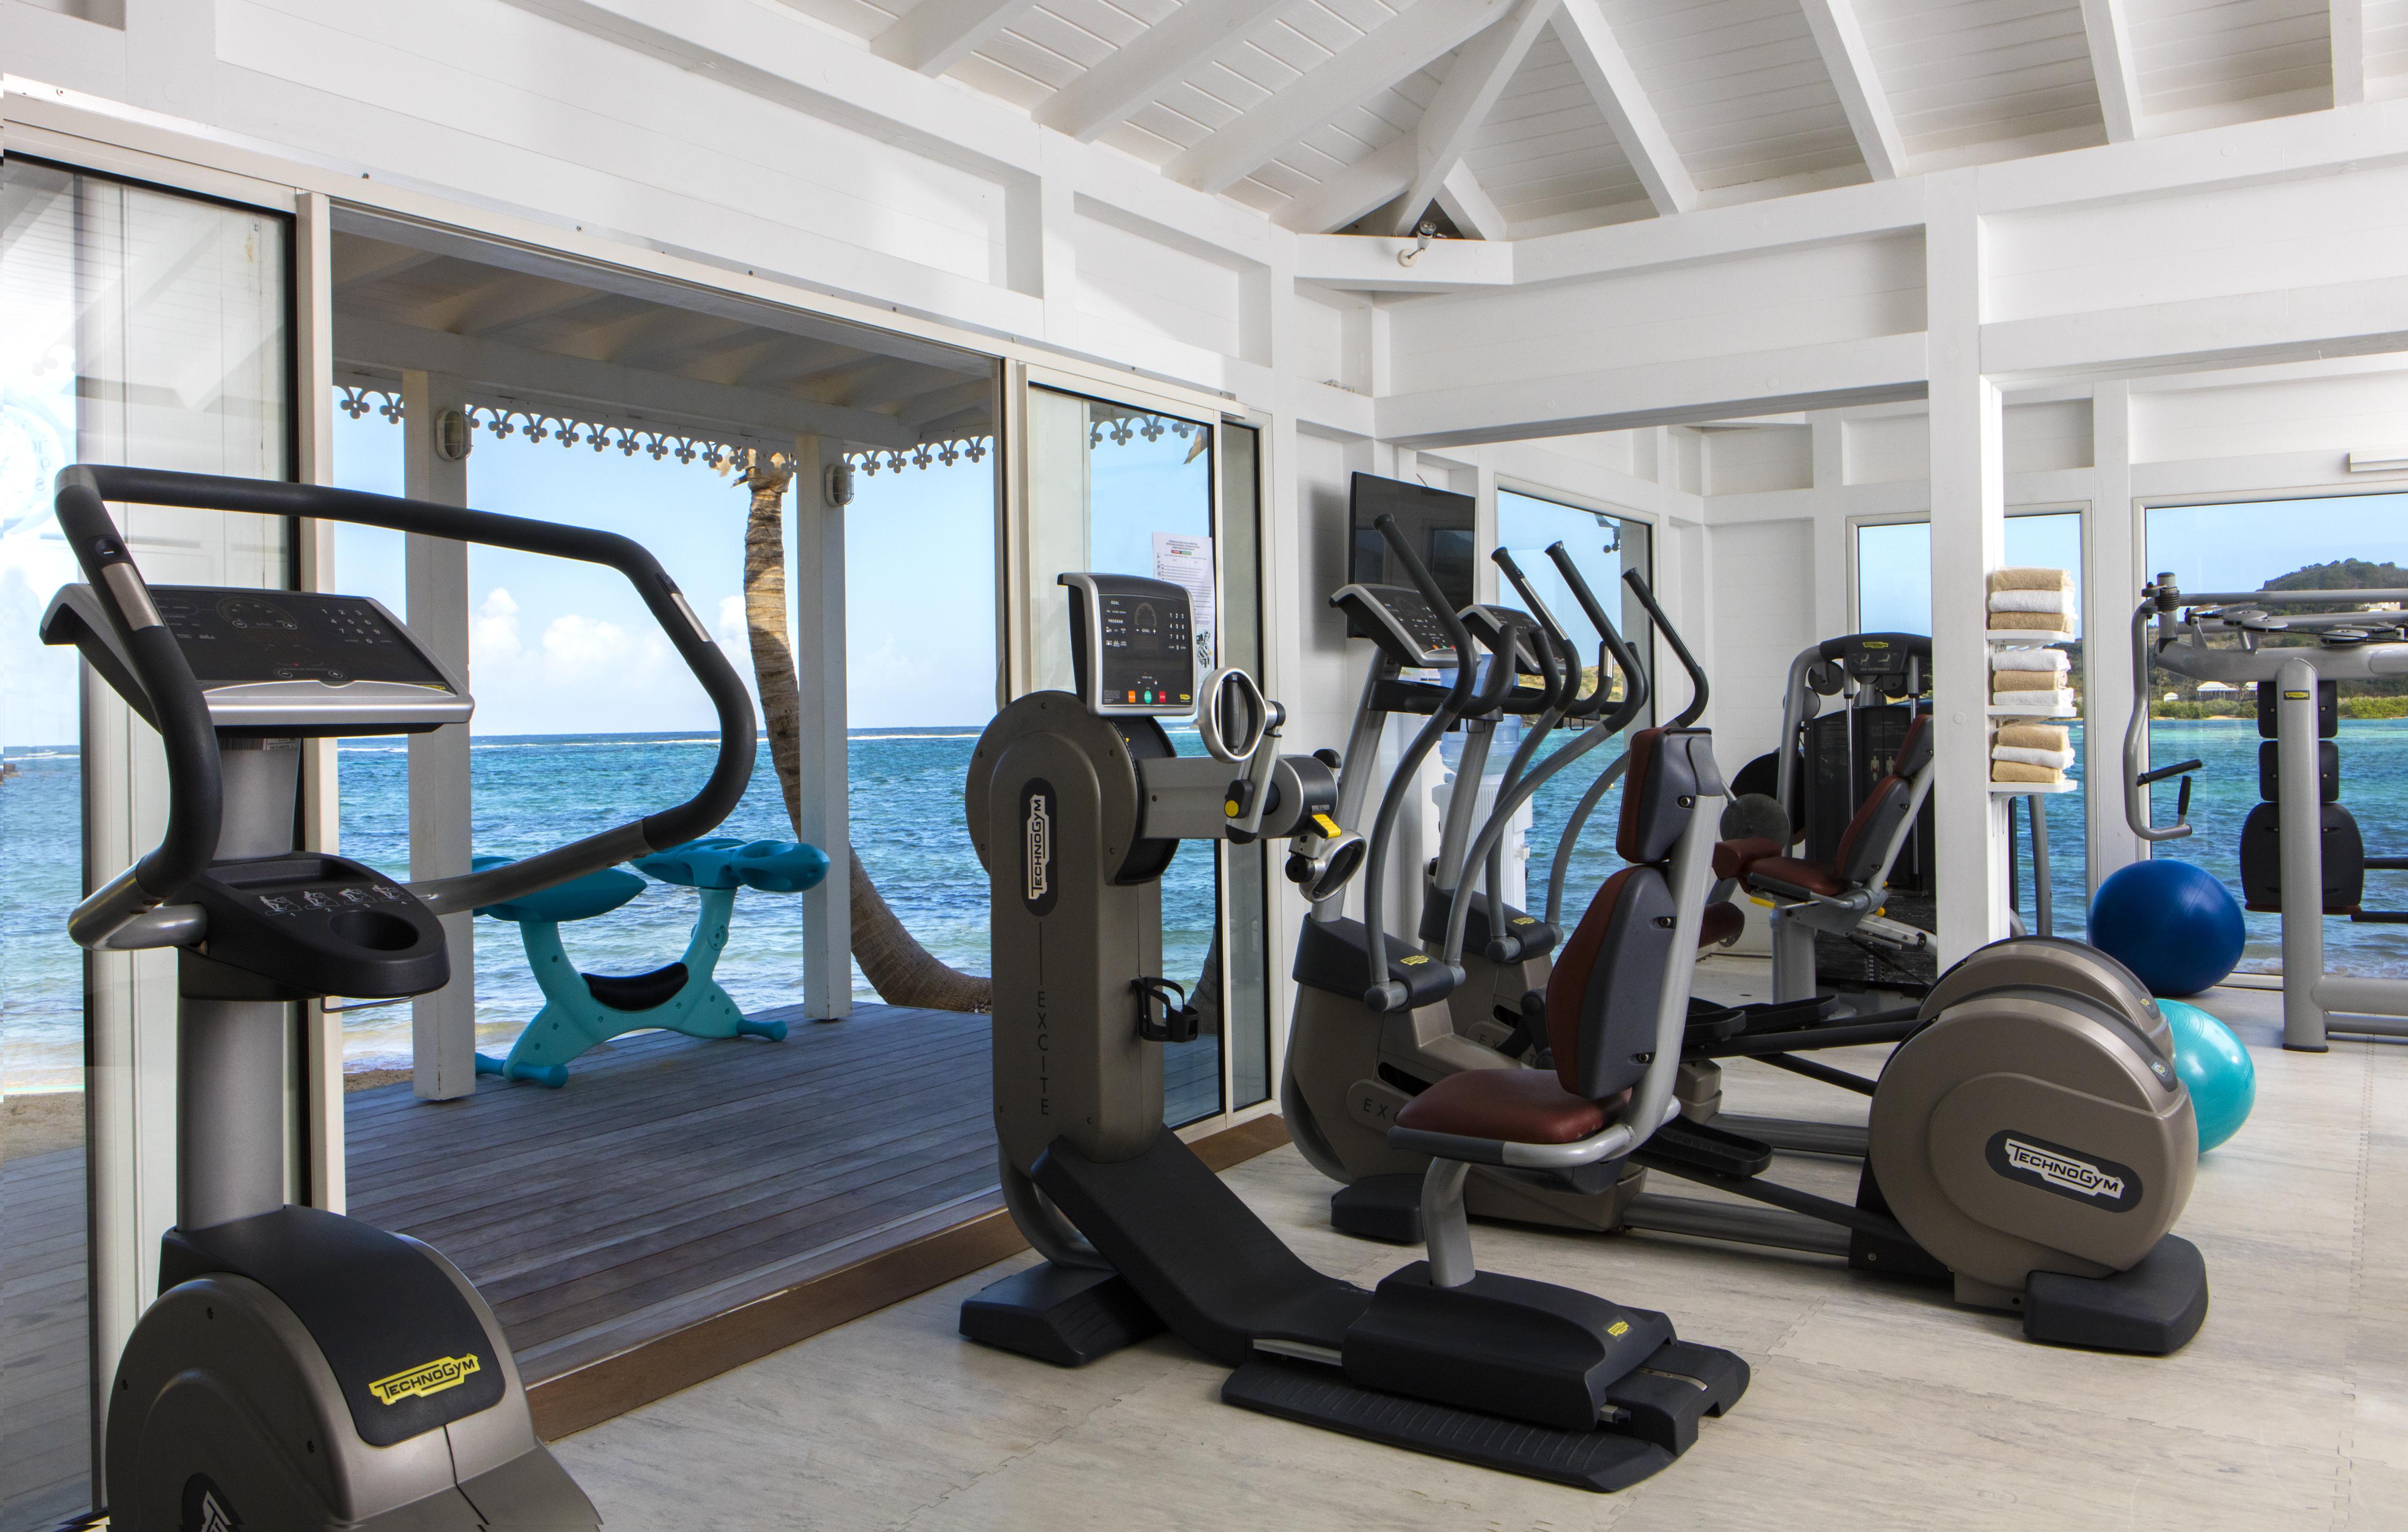 LG_JT_fitness-center_high